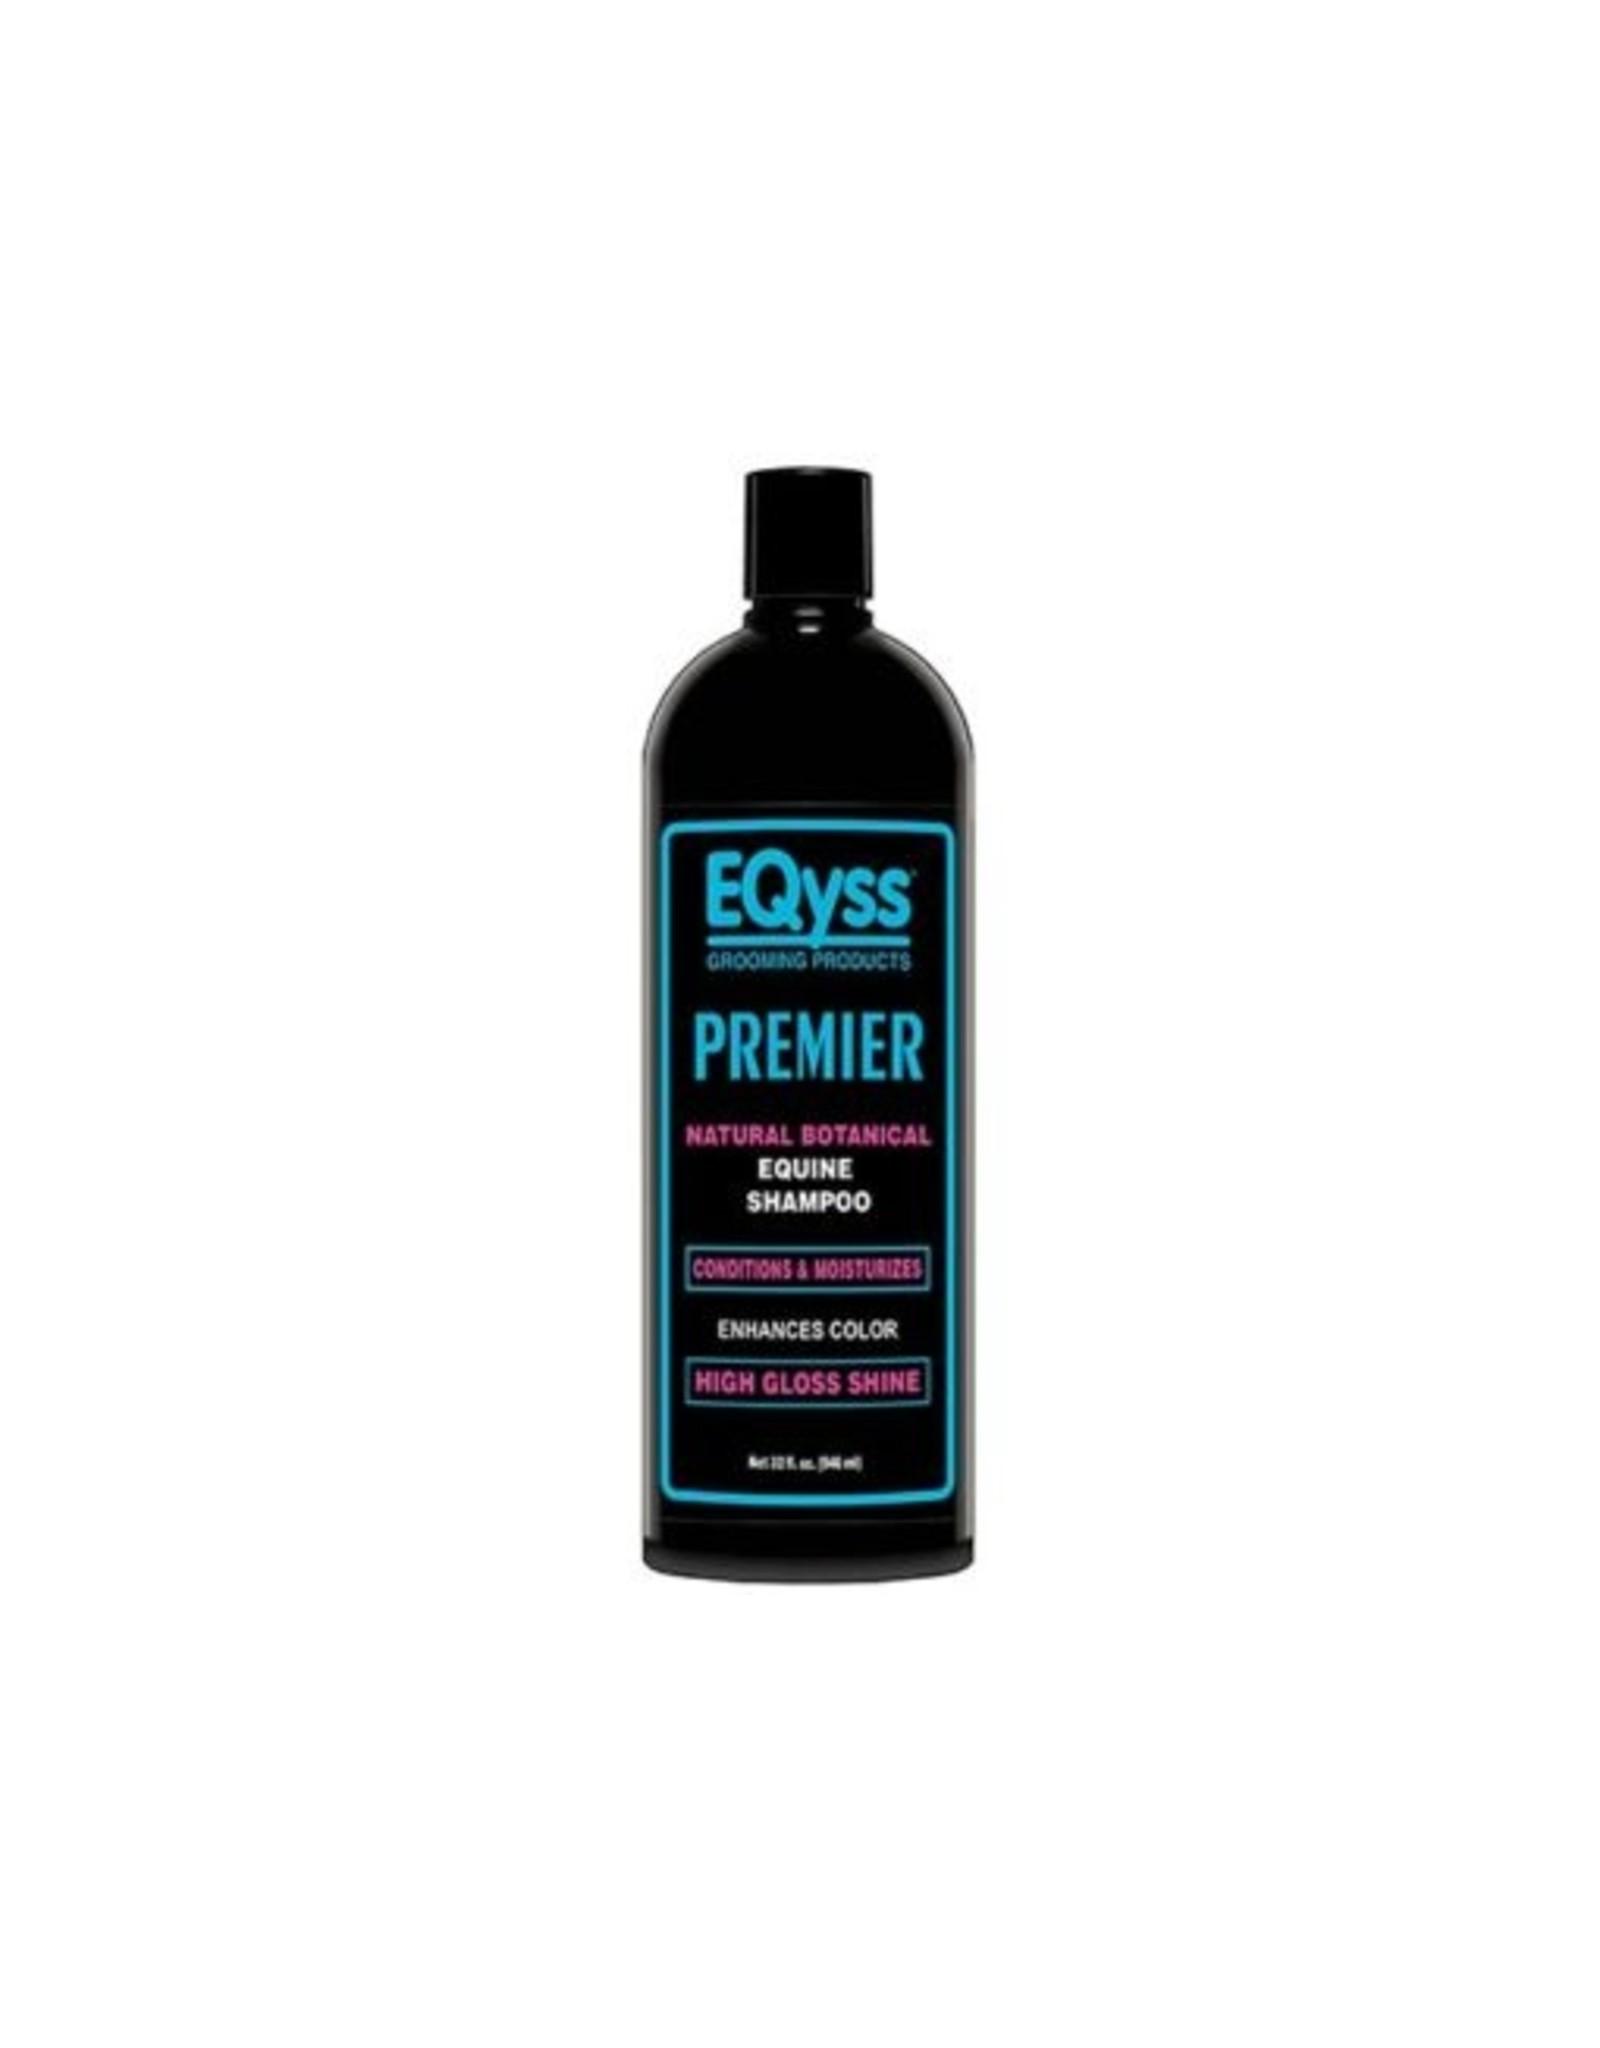 Eqyss Premier Equine Shampoo